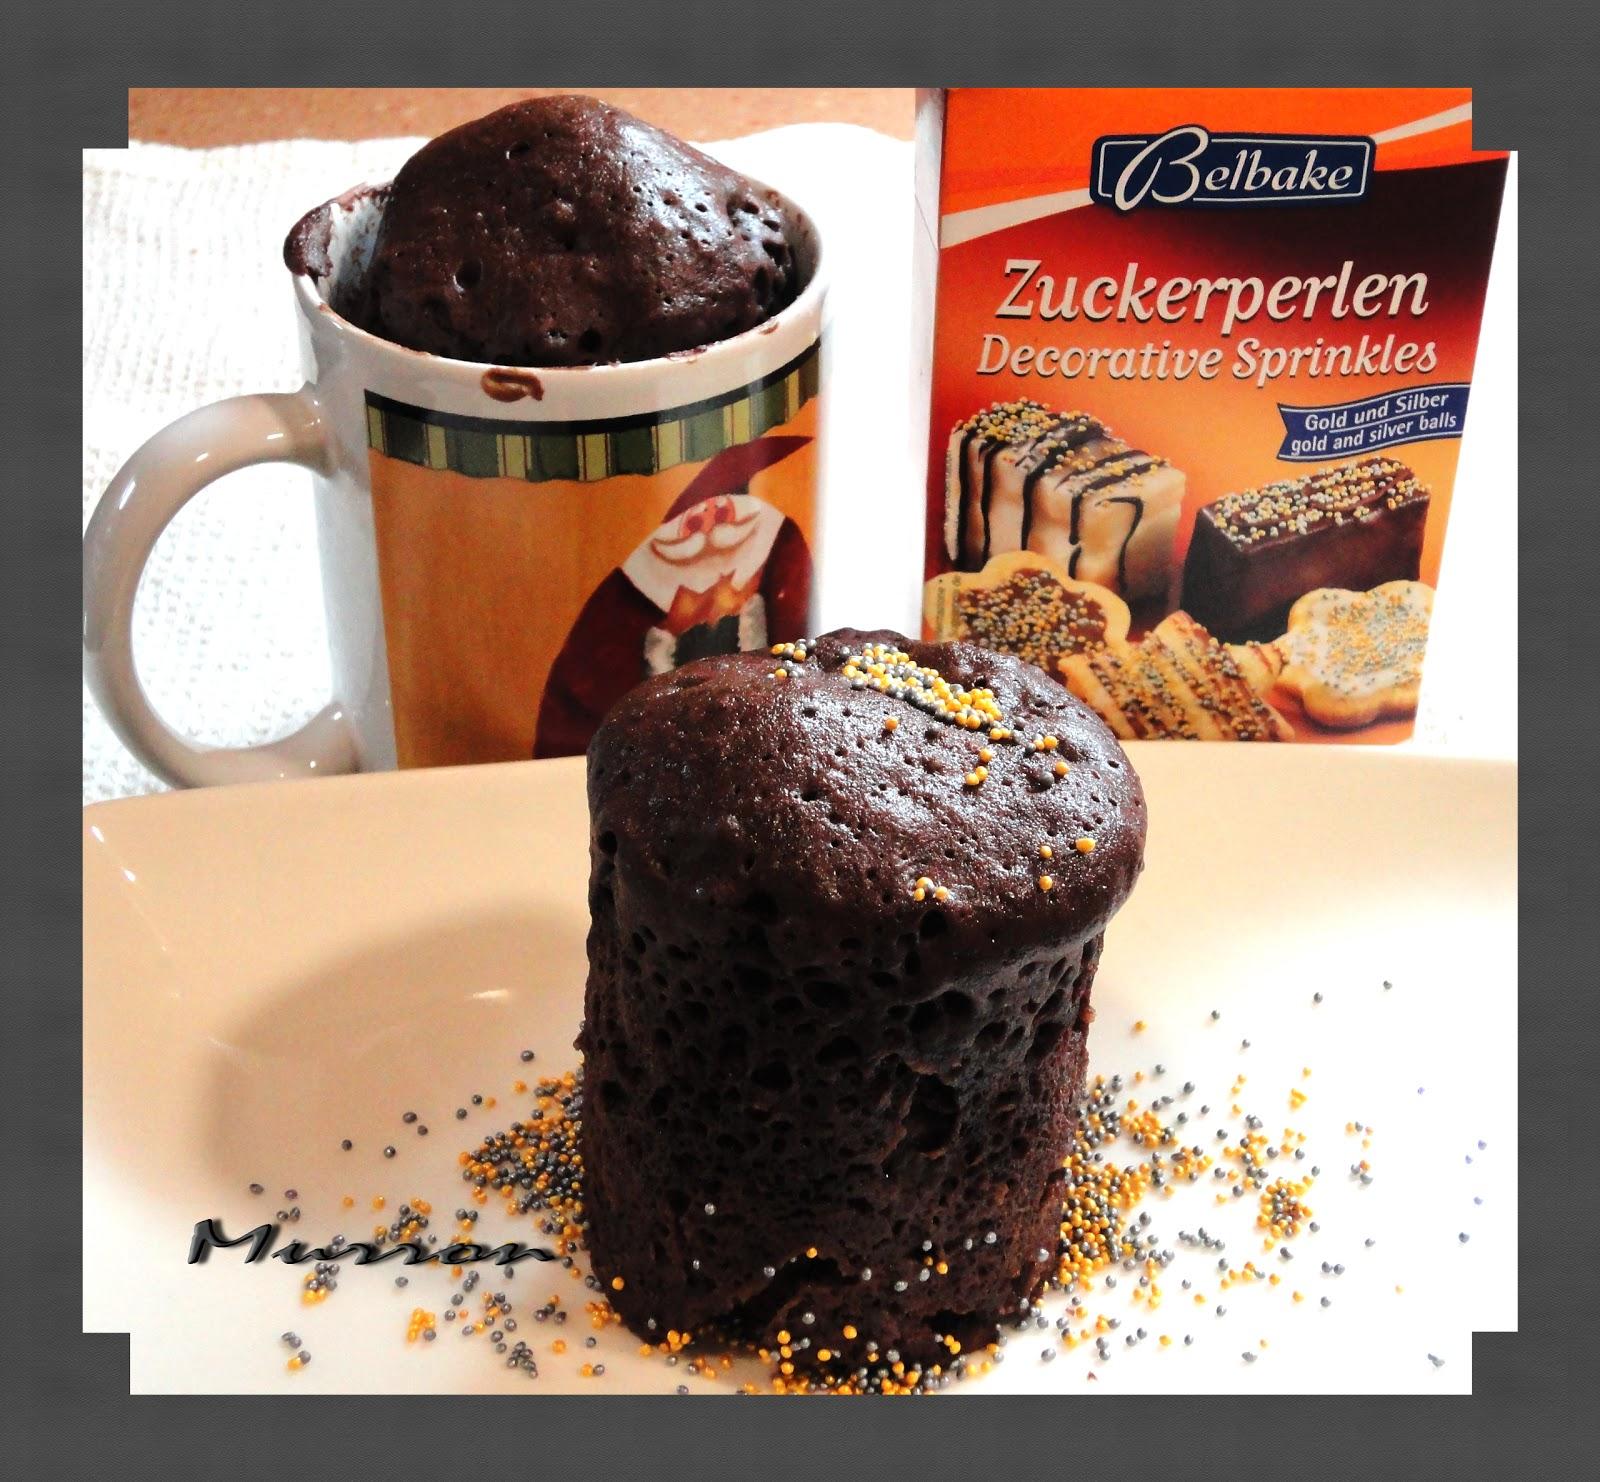 Murron cocina bizcocho en 3 minutos de chocolate en taza - Bizcocho microondas 3 minutos ...